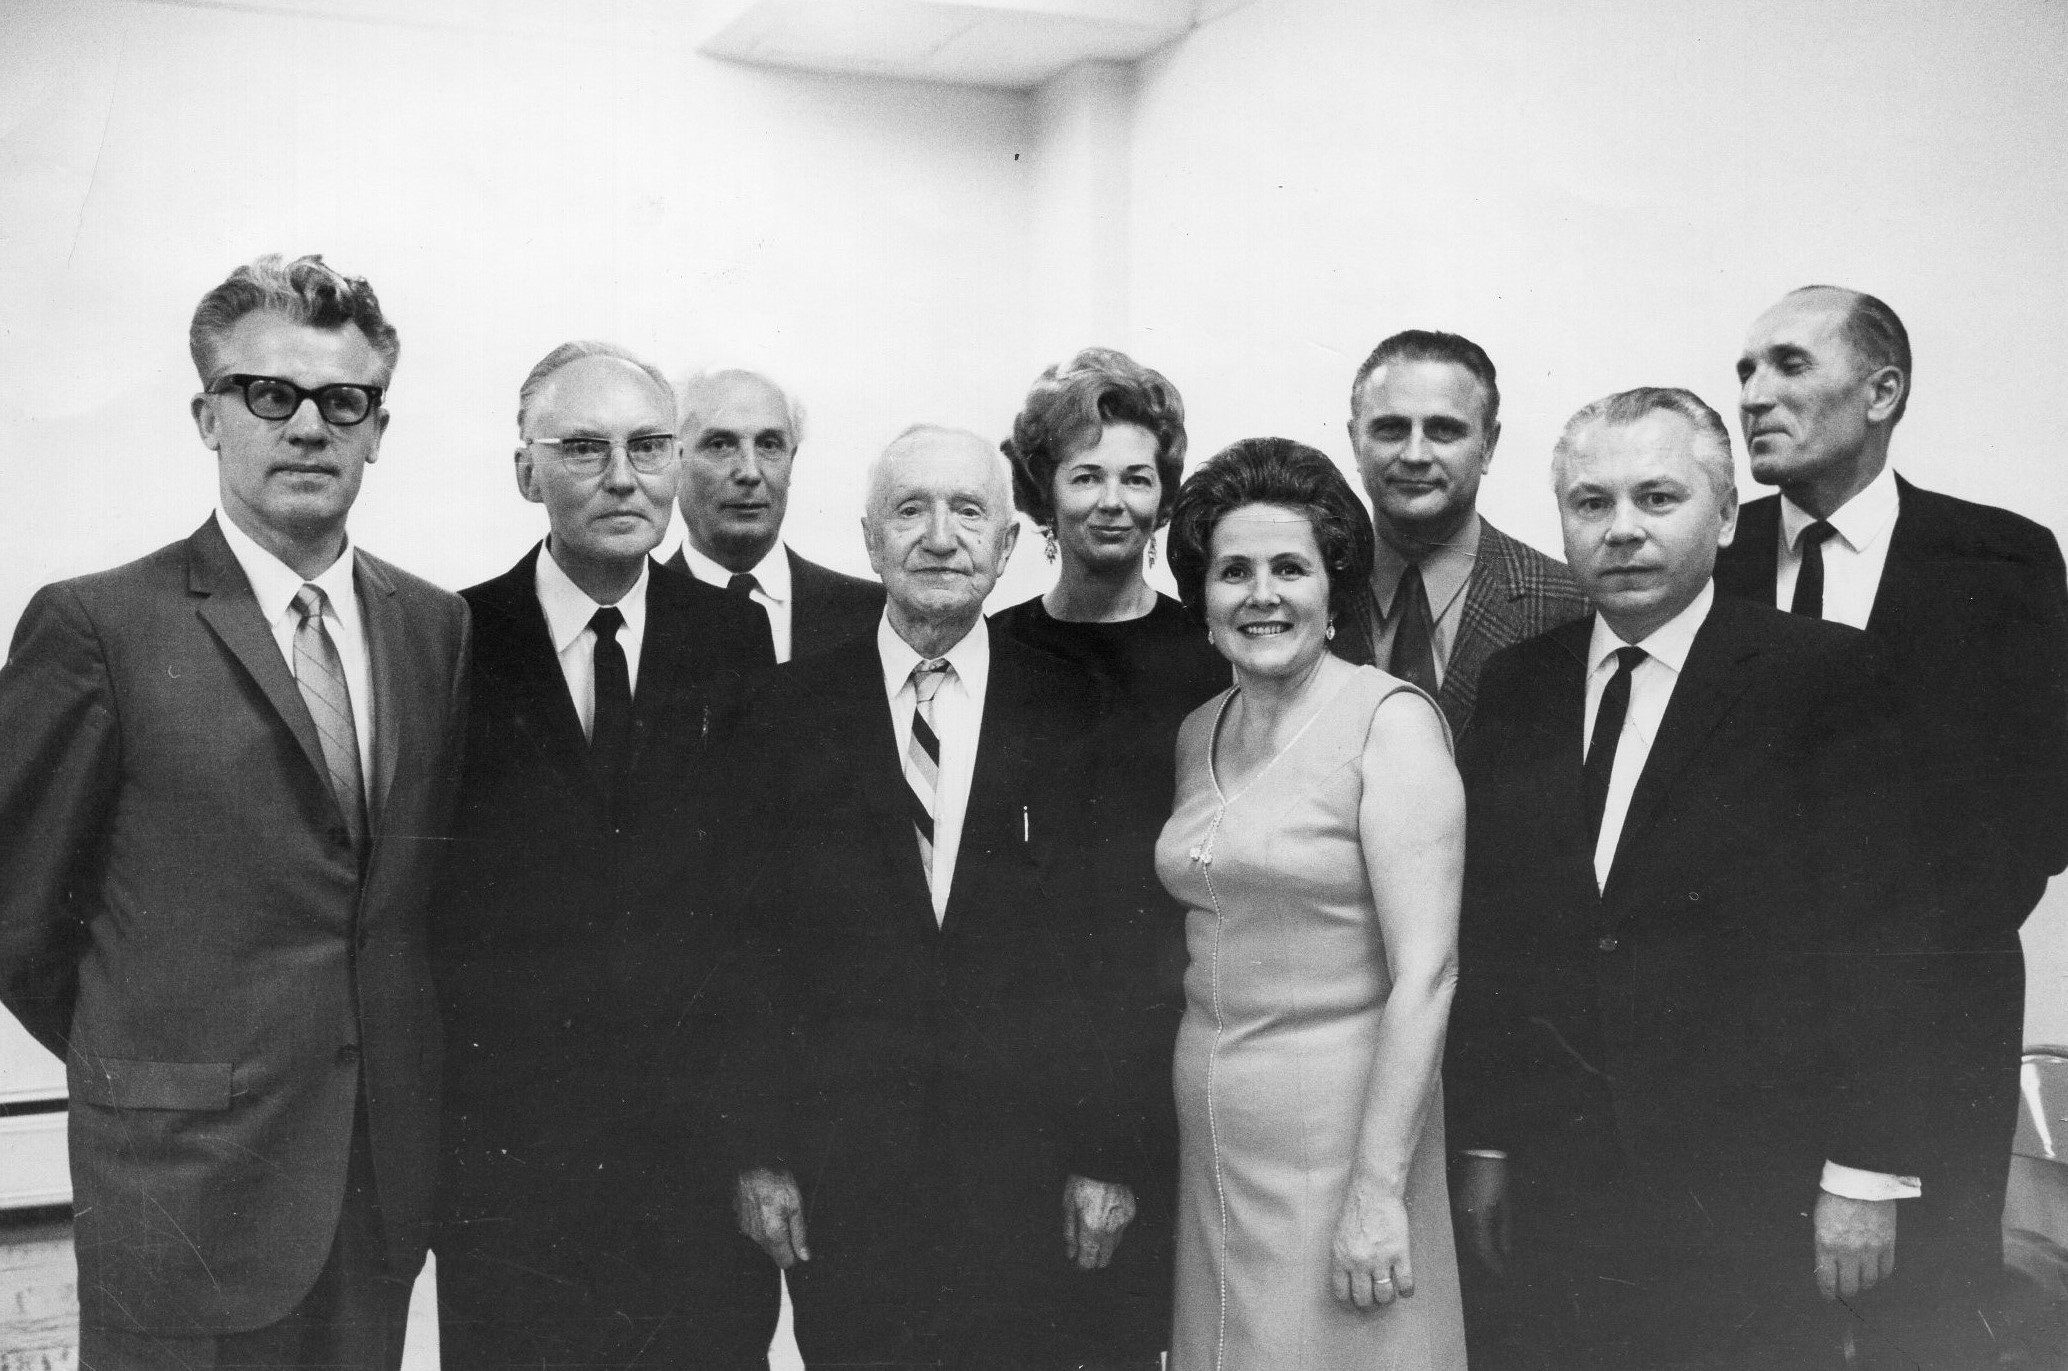 J. Švabaitė (pirmoje eilėje antra iš dešinės) su A. Kairiu, A. Tyruoliu, P. Gaučiu, M. Vaitkumi, D. Bindokiene, S. Džiugu, K. Bradūnu, Č. Grincevičiumi. JAV, apie 1970 m.